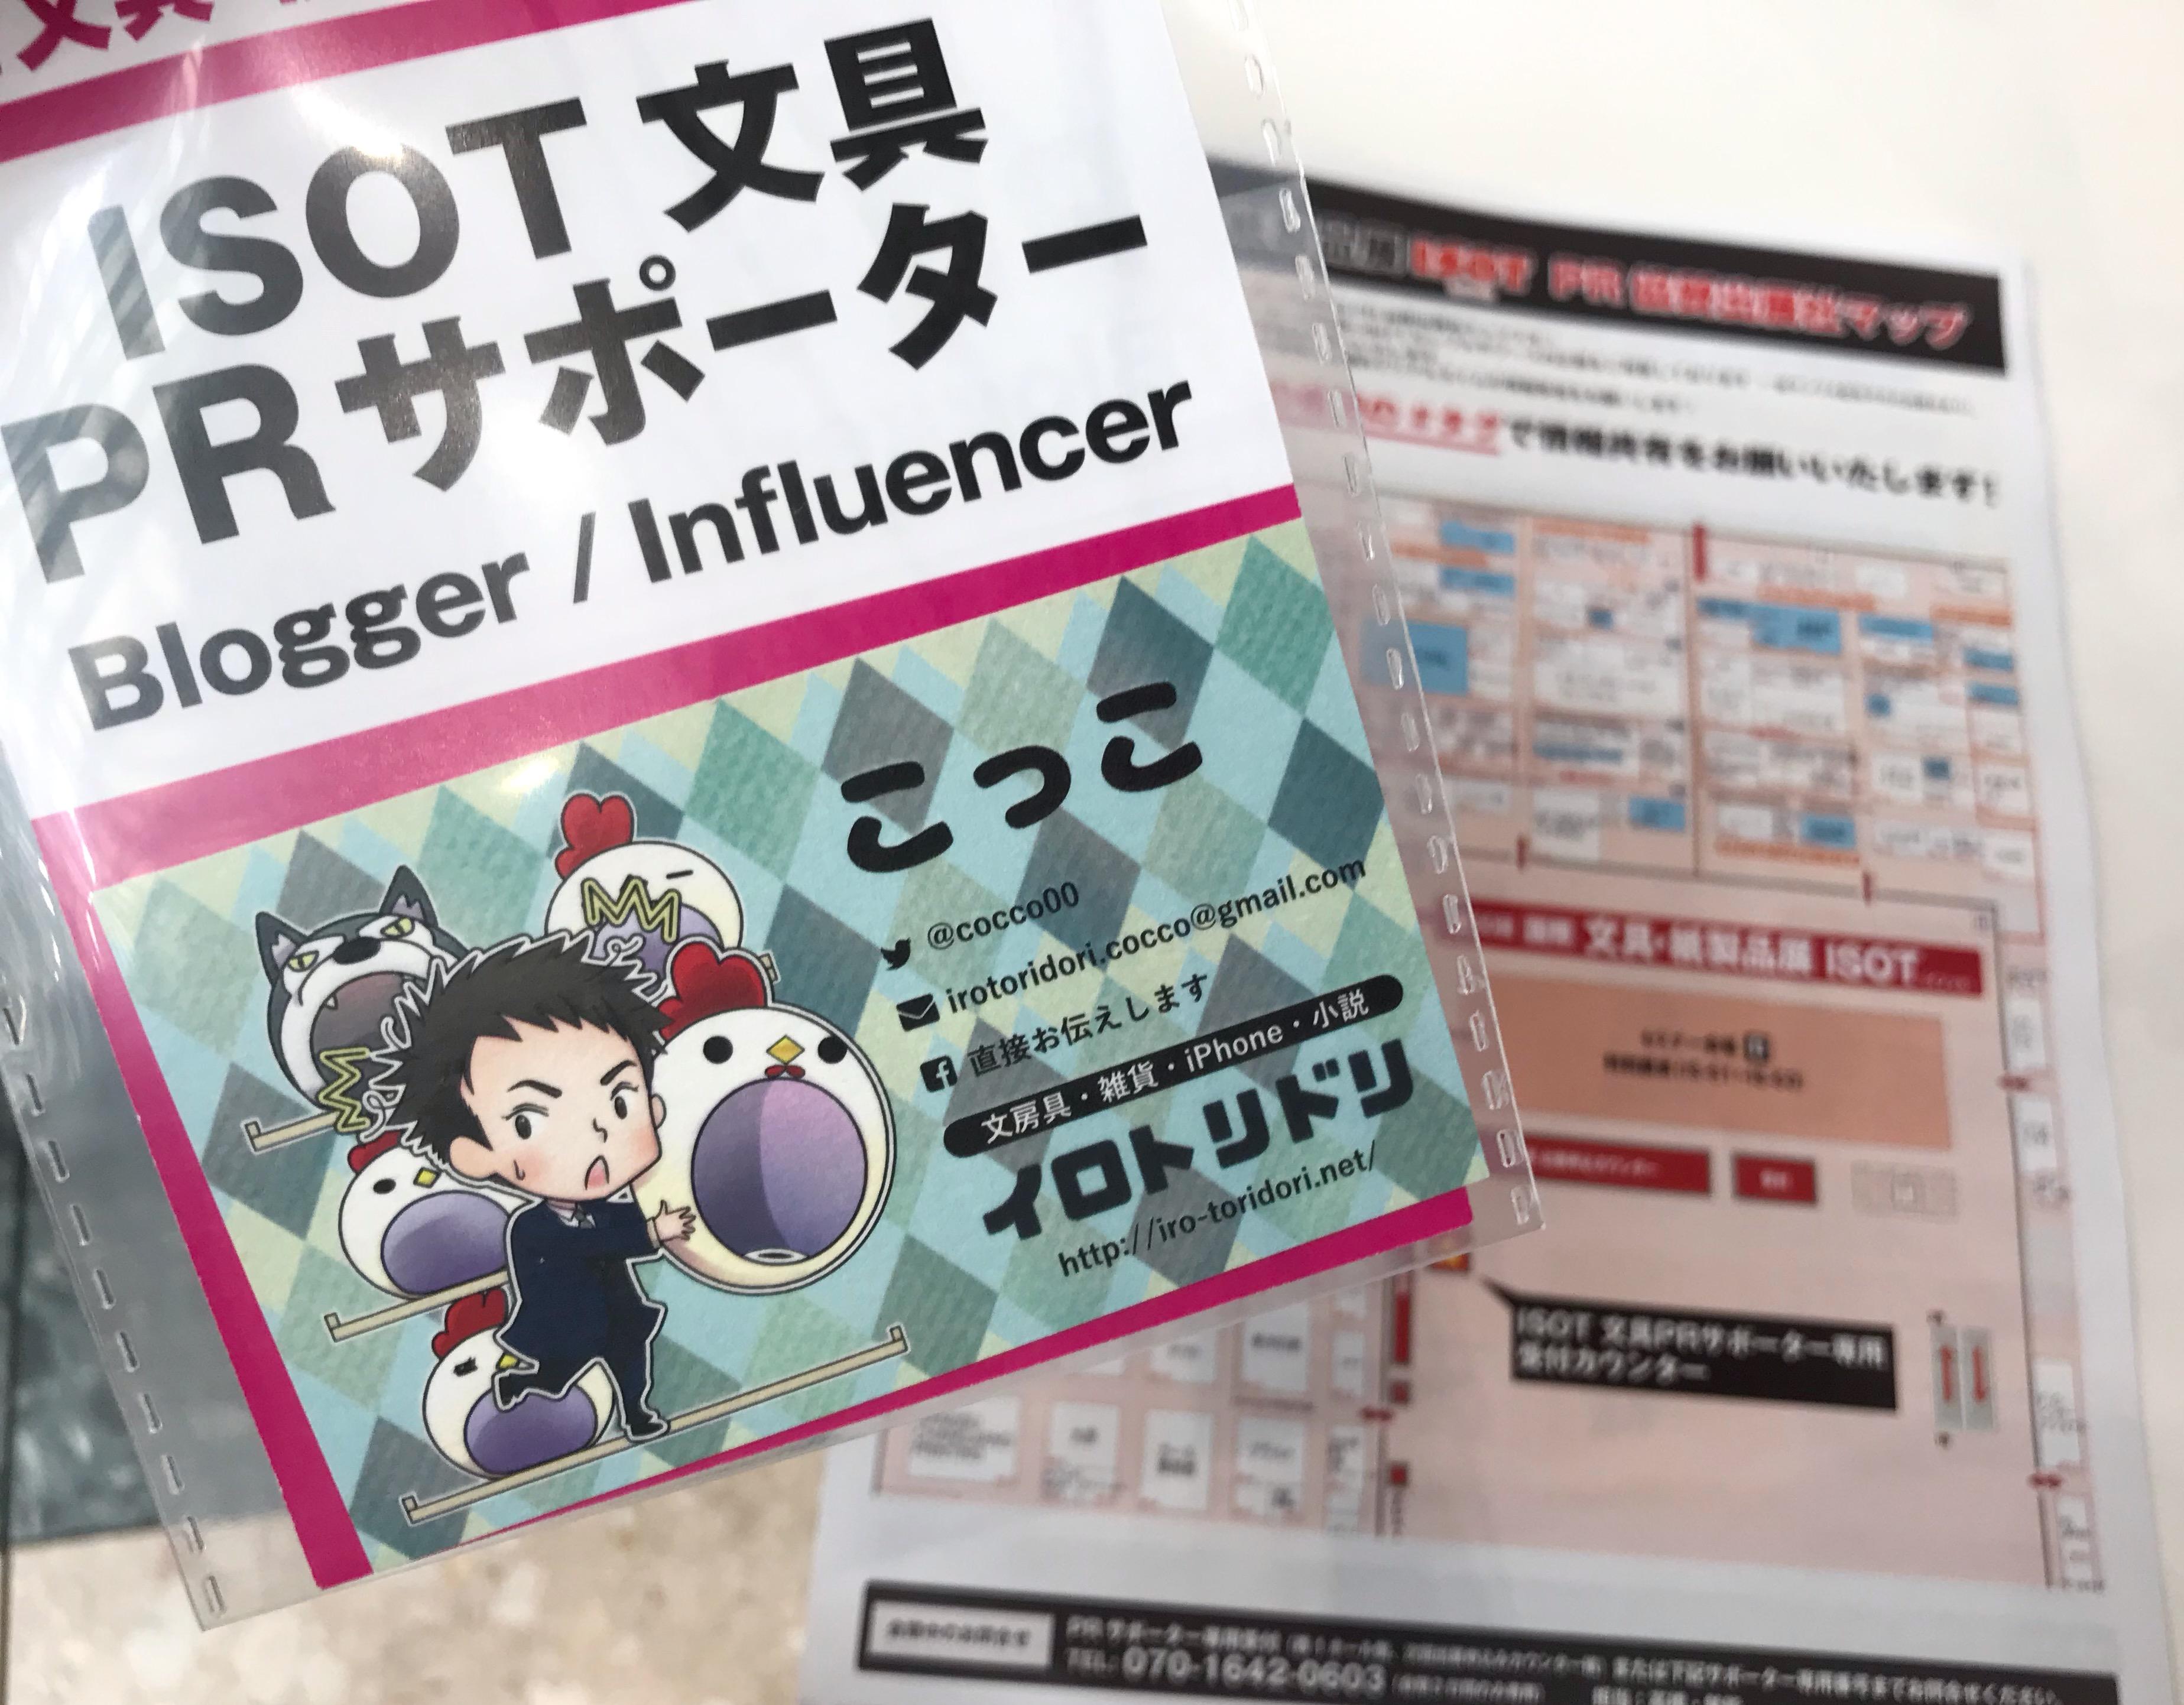 ISOT PRサポーター